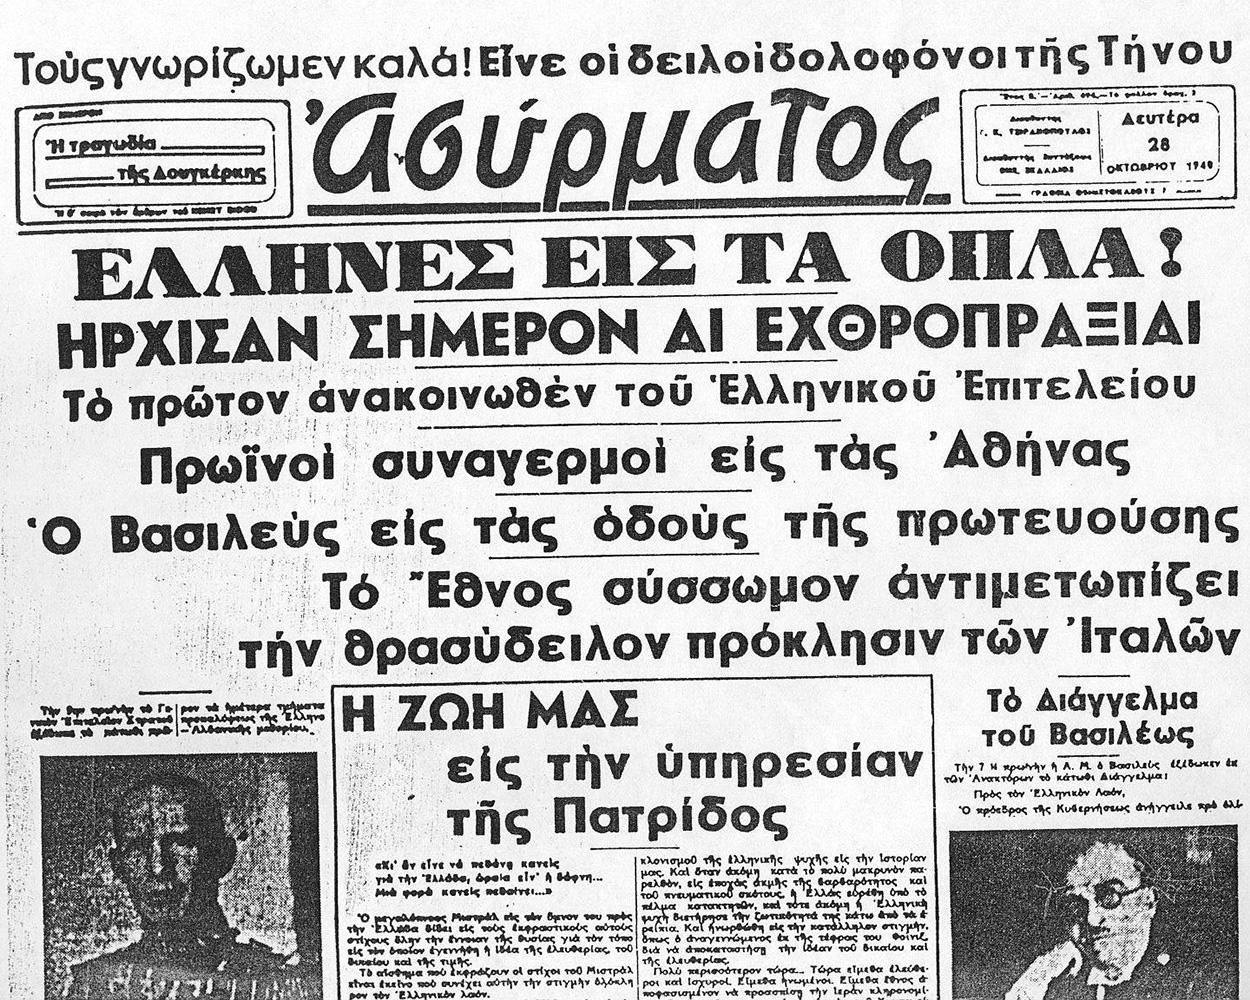 Μικρό αφιέρωμα: Πρωτοσέλιδα εφημερίδων 28η Οκτωβρίου 1940 - STEREA NEWS